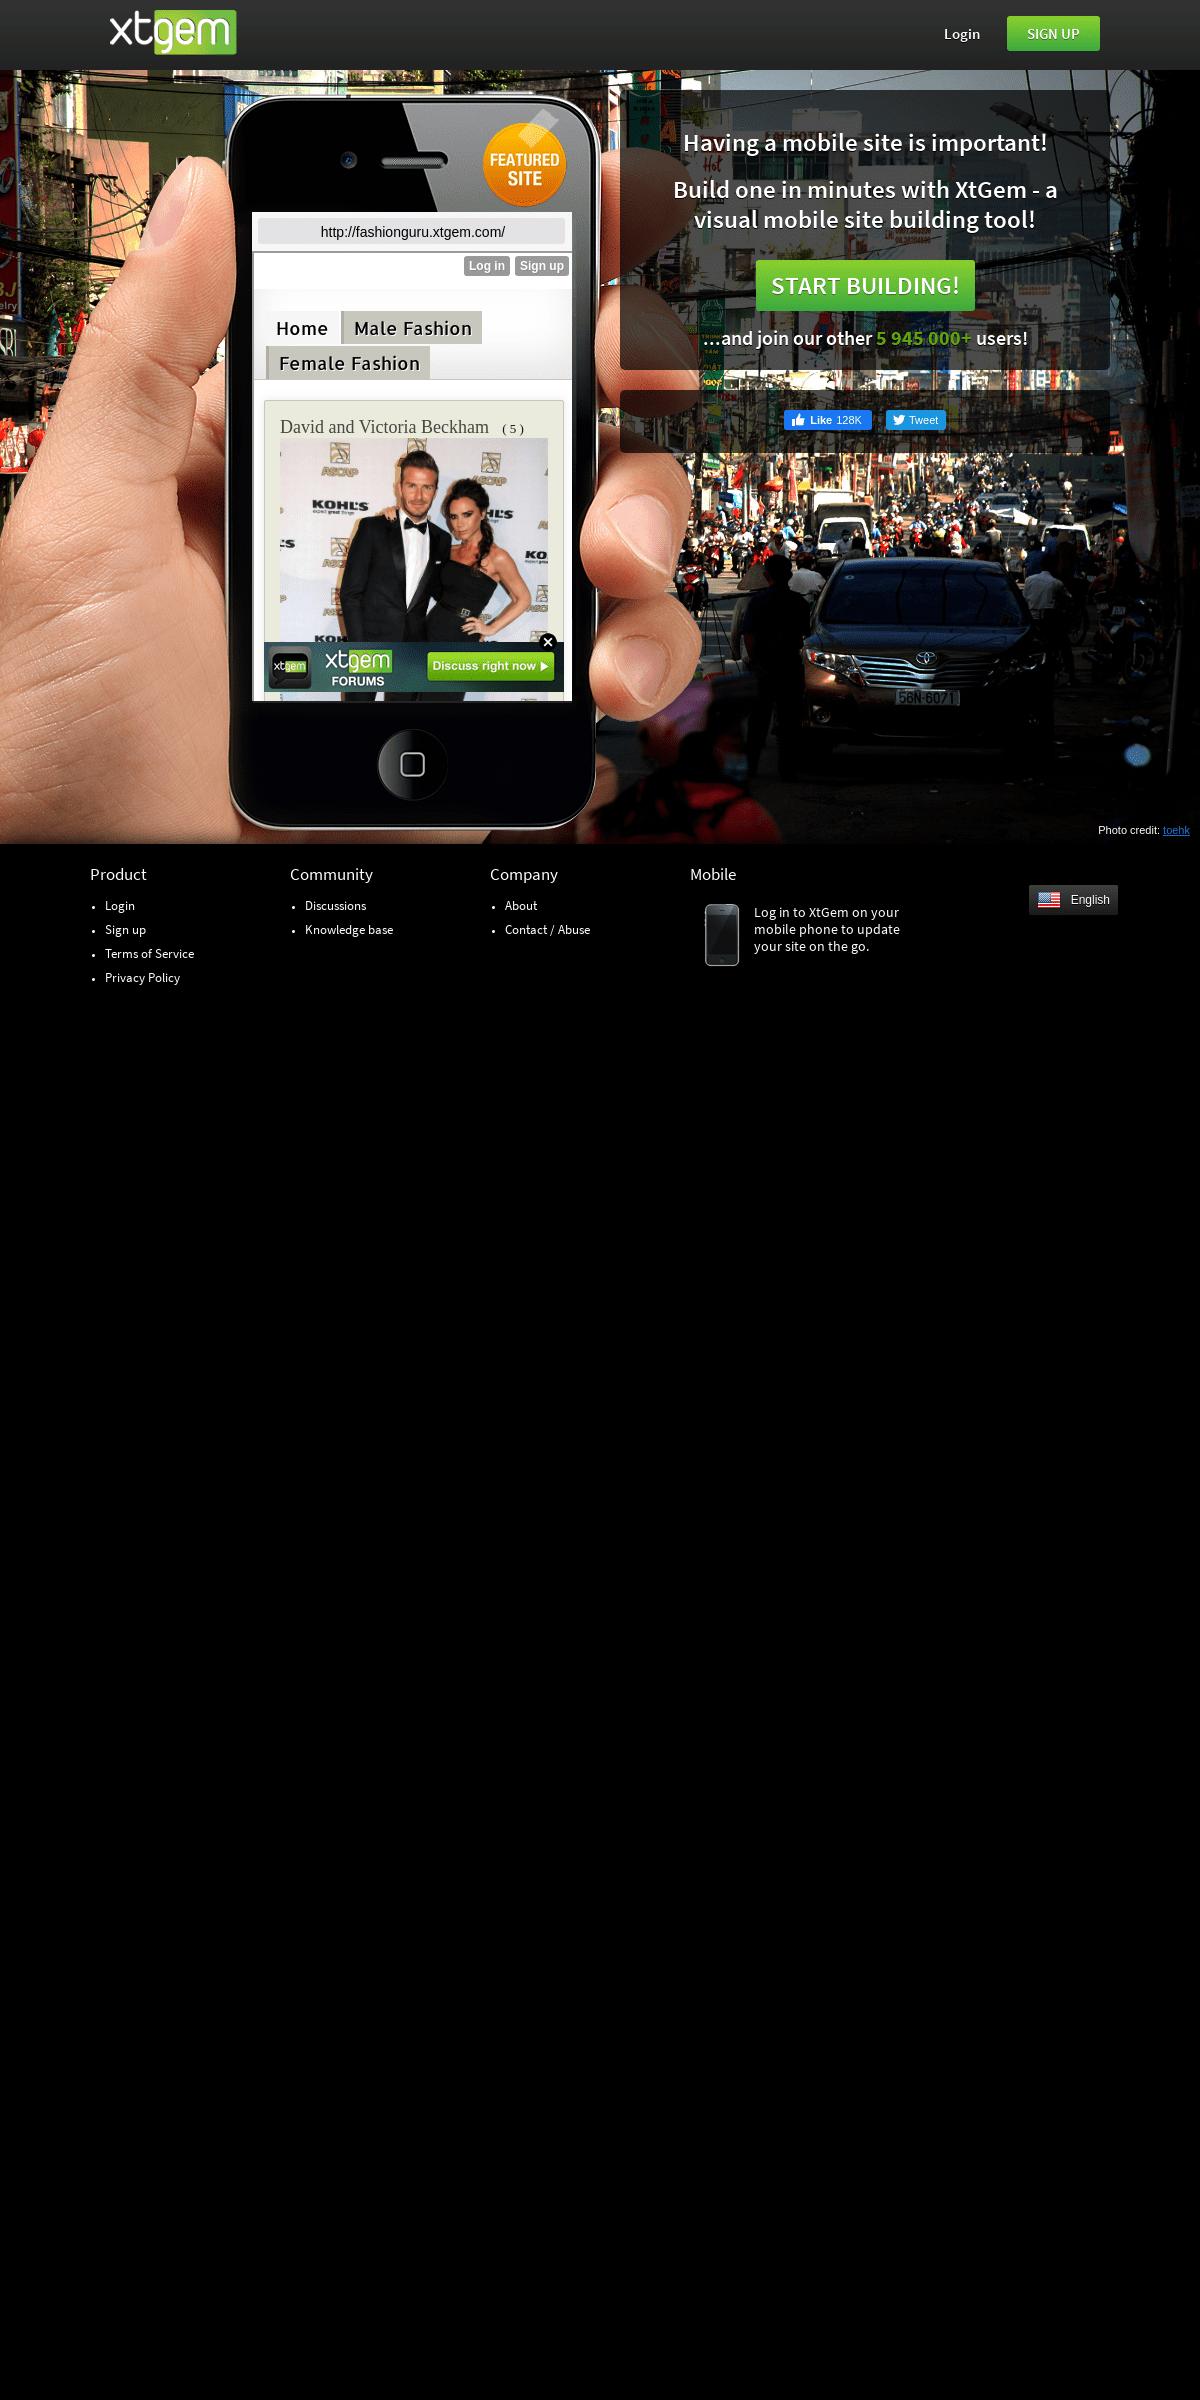 XtGem.com — Visual mobile site building tool